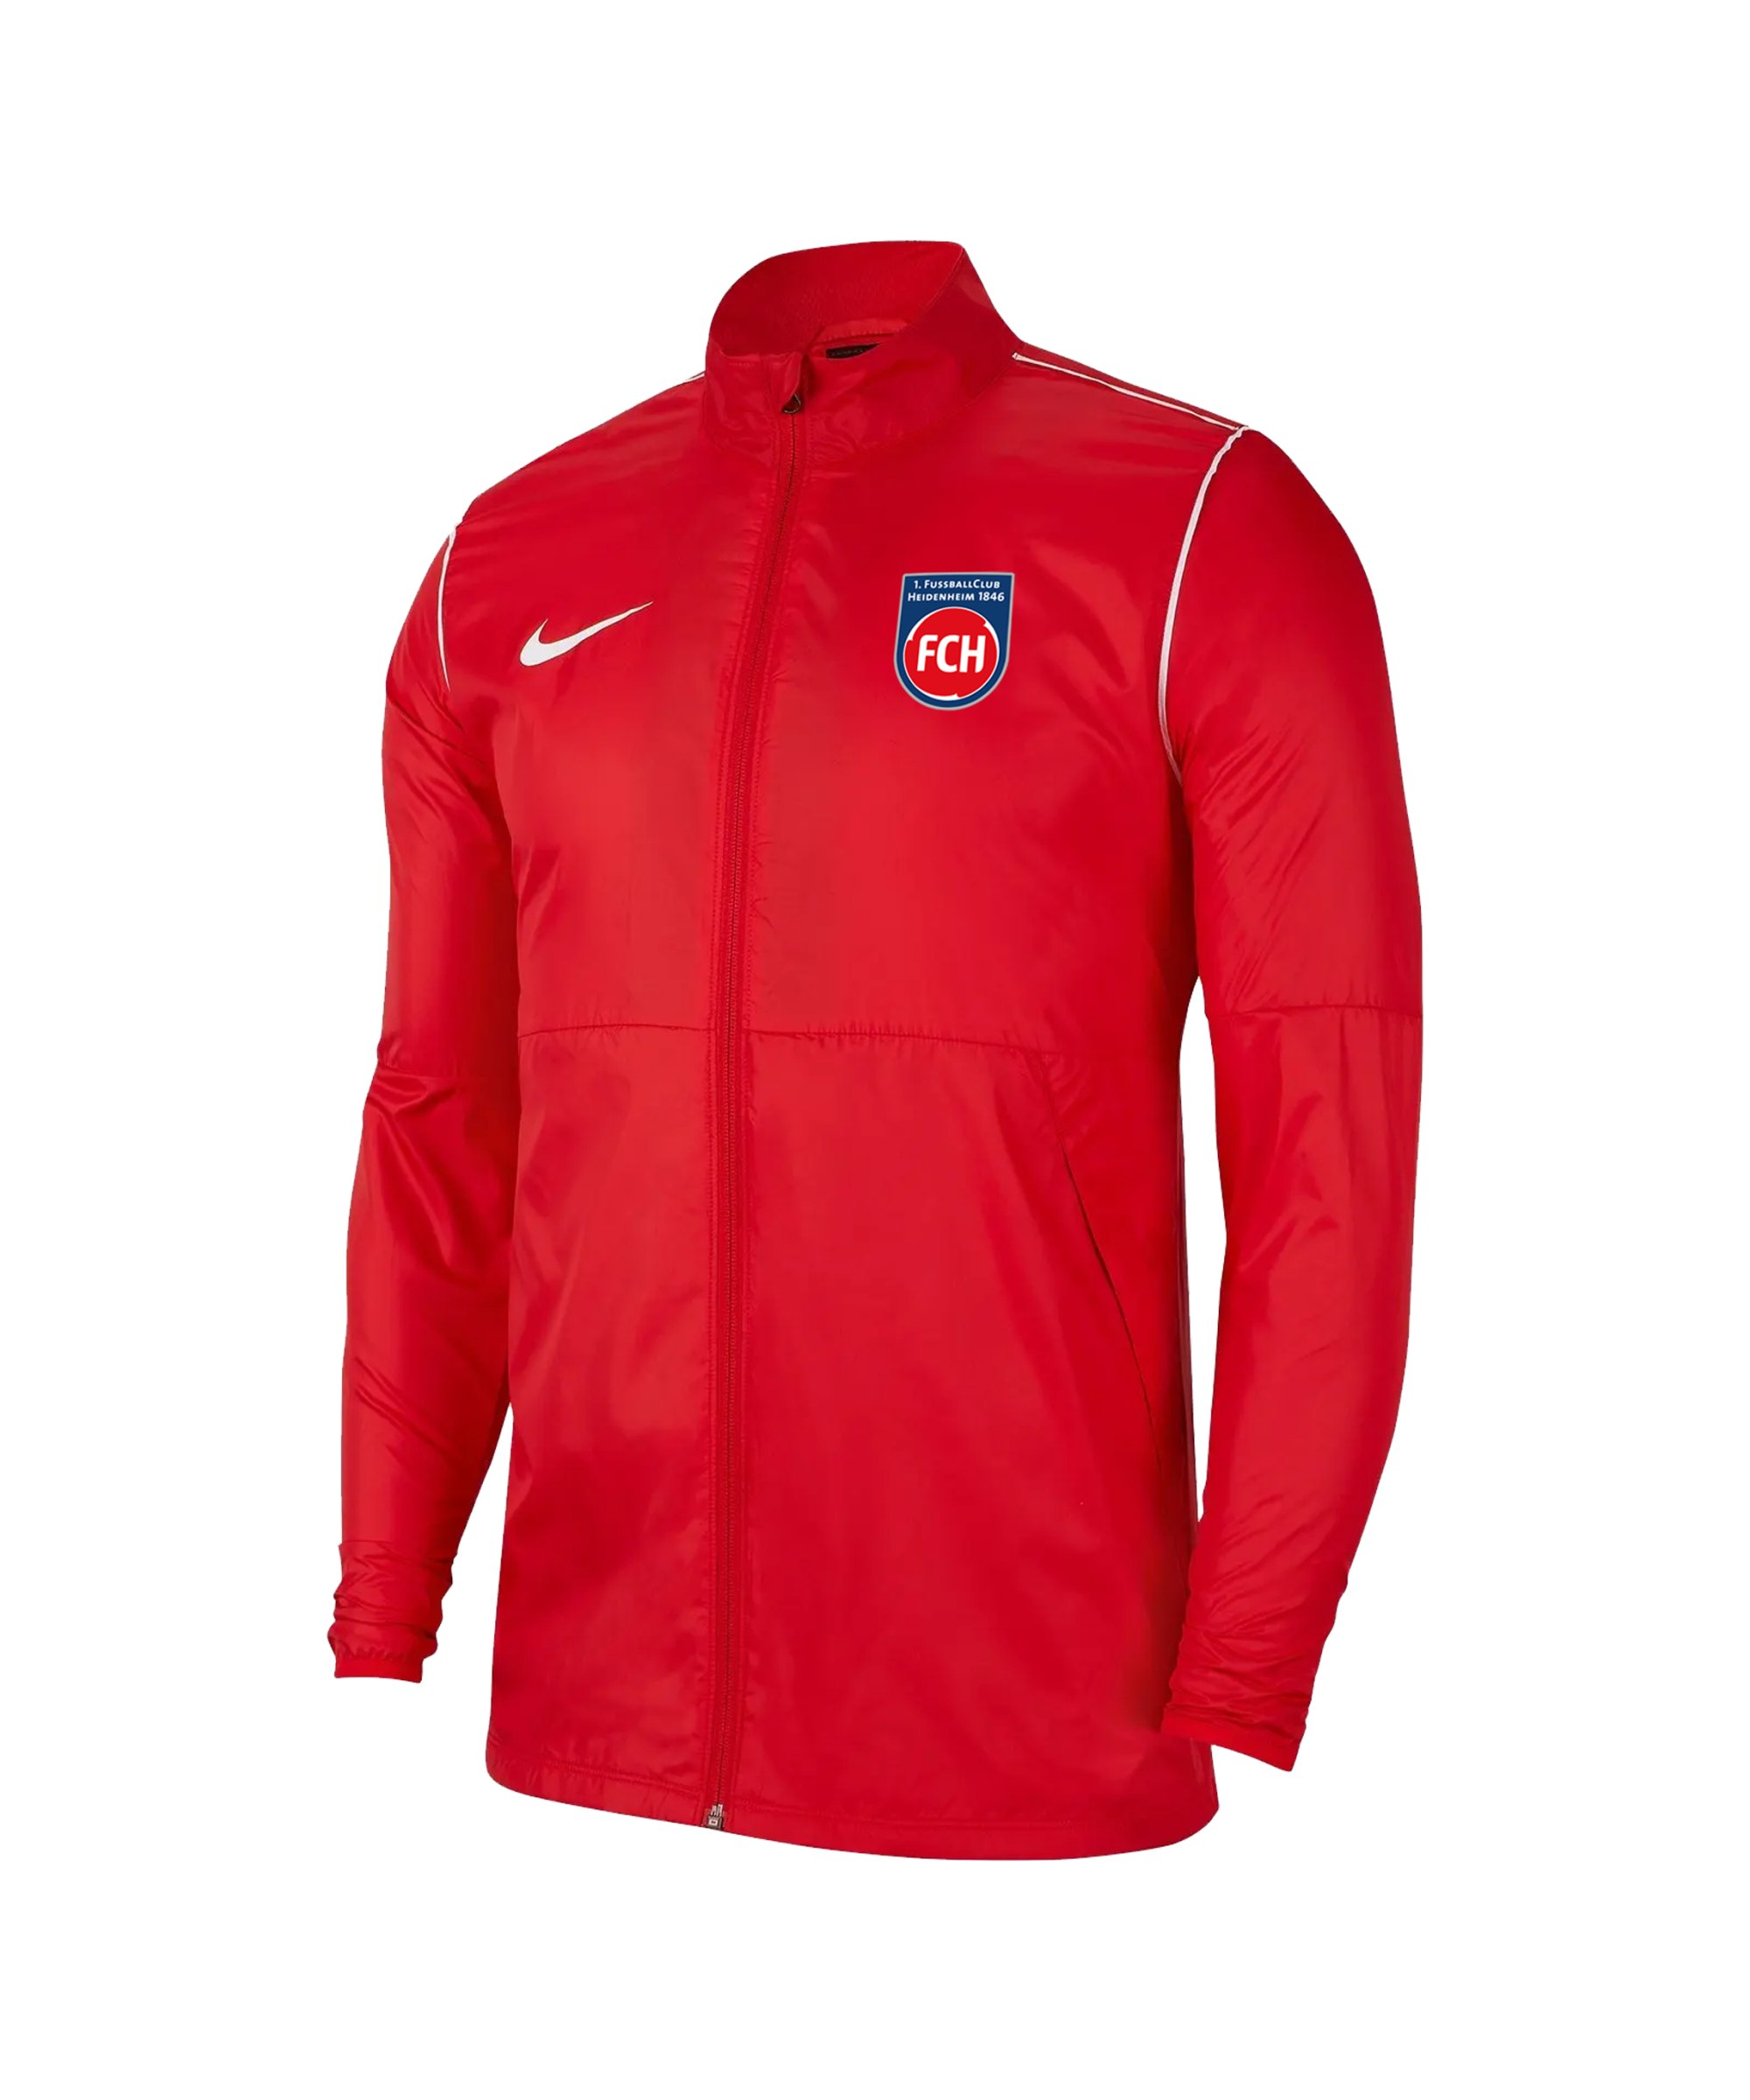 Nike 1. FC Heidenheim Regenjacke Kids Rot F657 - rot